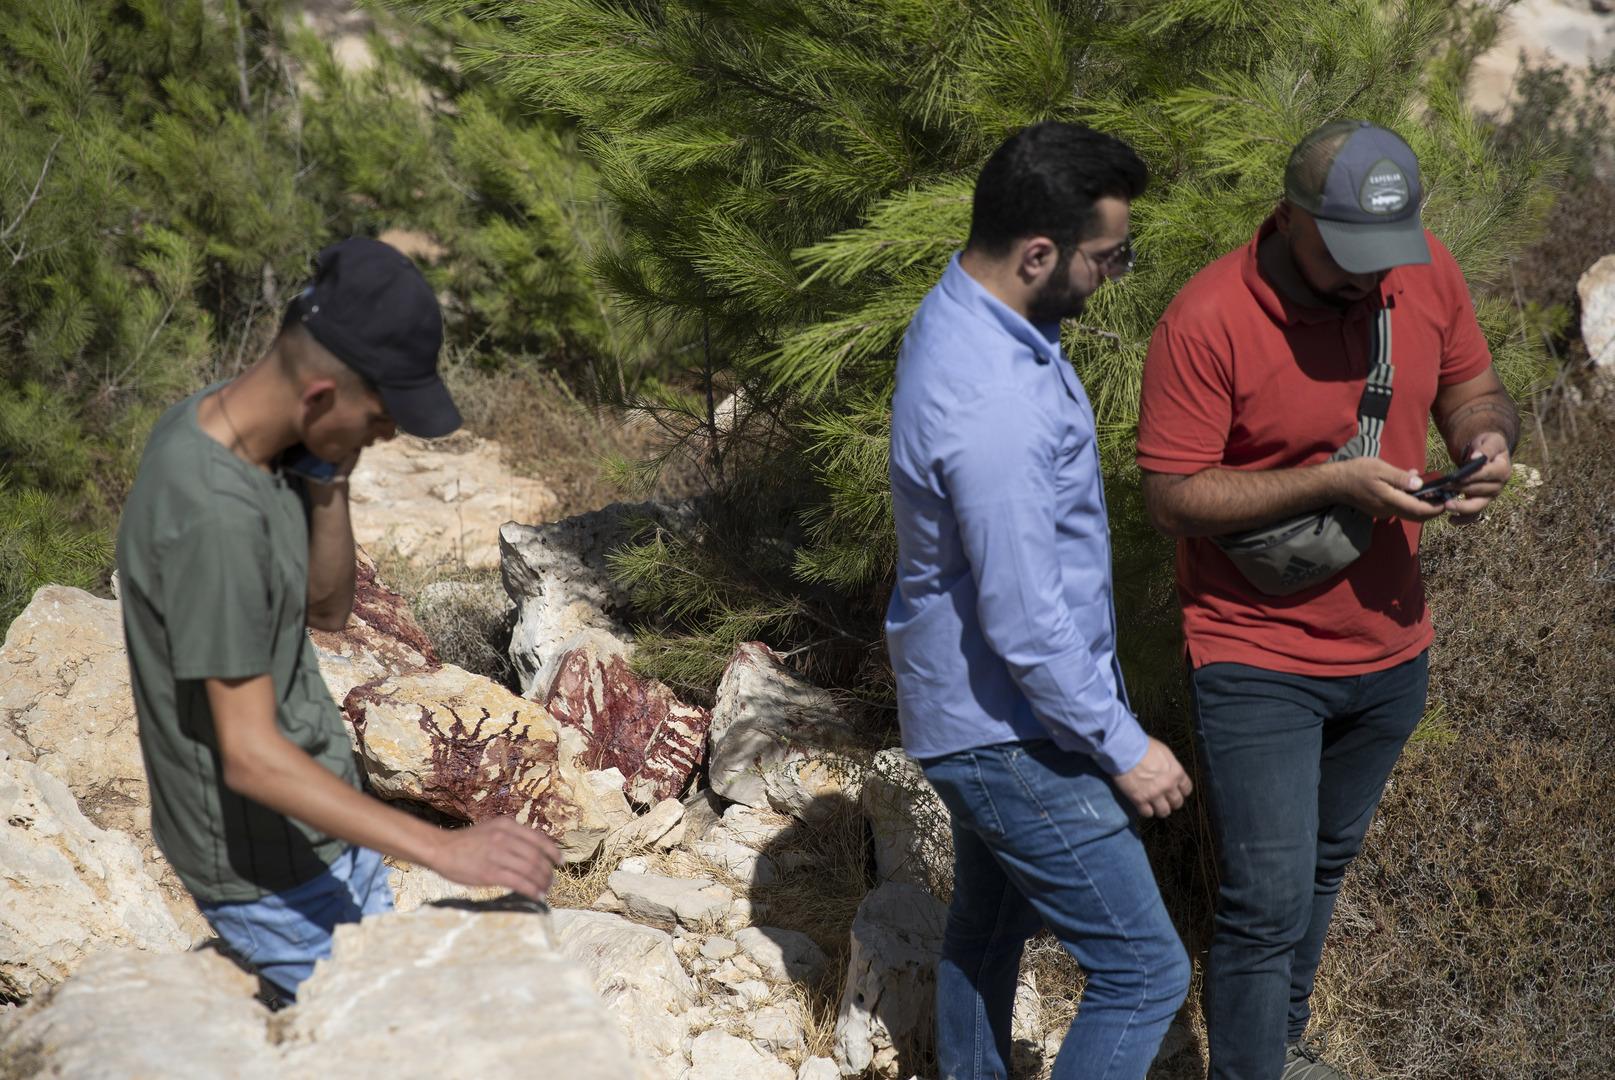 فلسطينيون في مكان عملية شنتها القوات الإسرائيلية ضد نشطاء